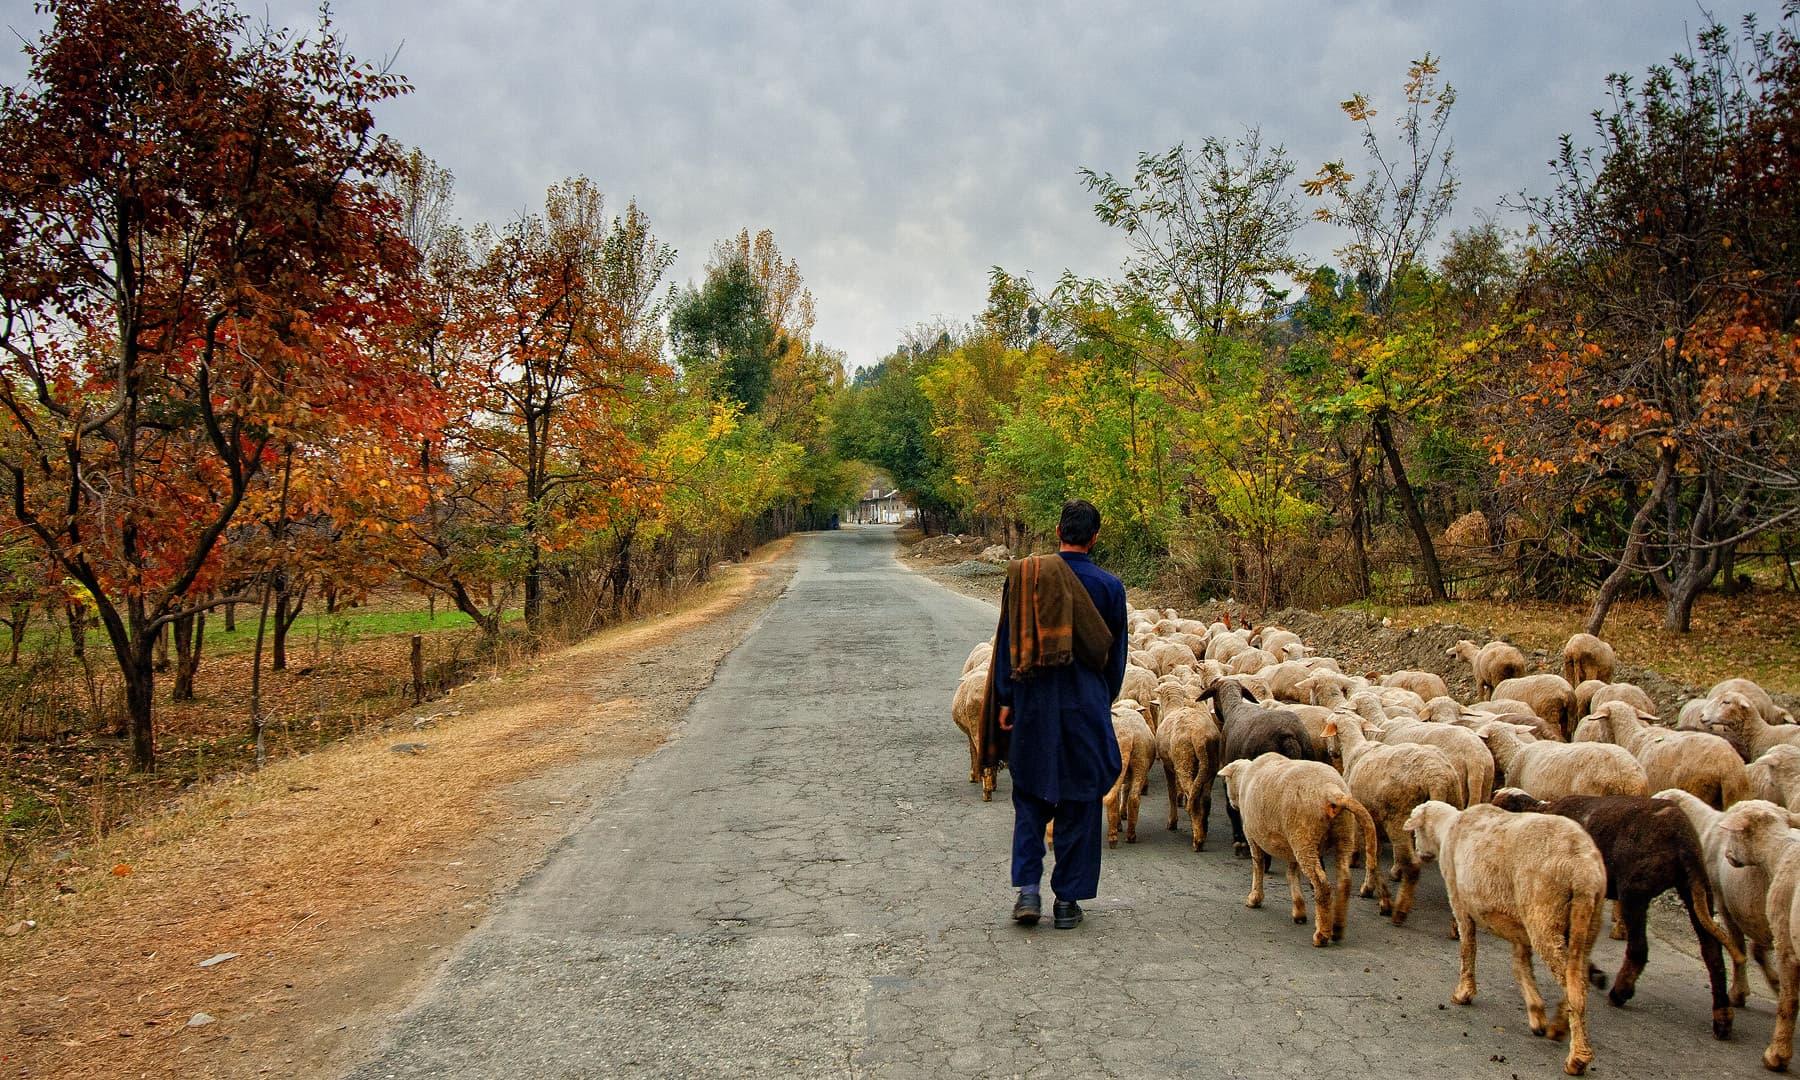 ایک چرواہا گھر جا رہا ہے. — فوٹو سید مہدی بخاری۔